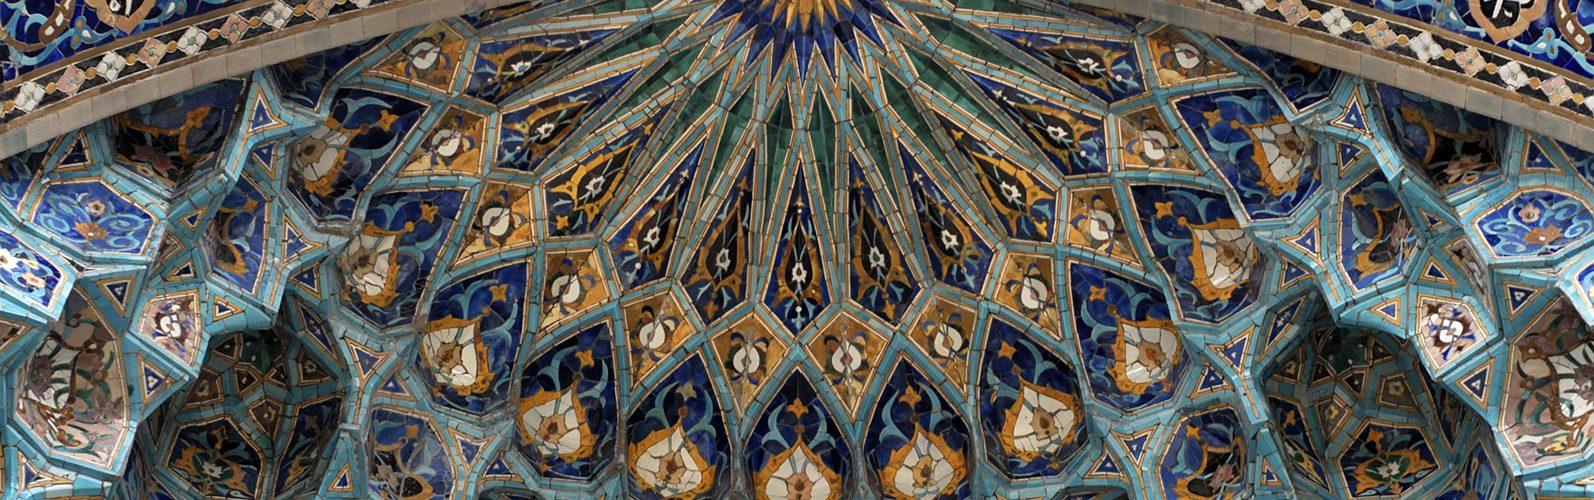 La racionalidad es central a las ciencias islámicas y es central para nuestra creencia